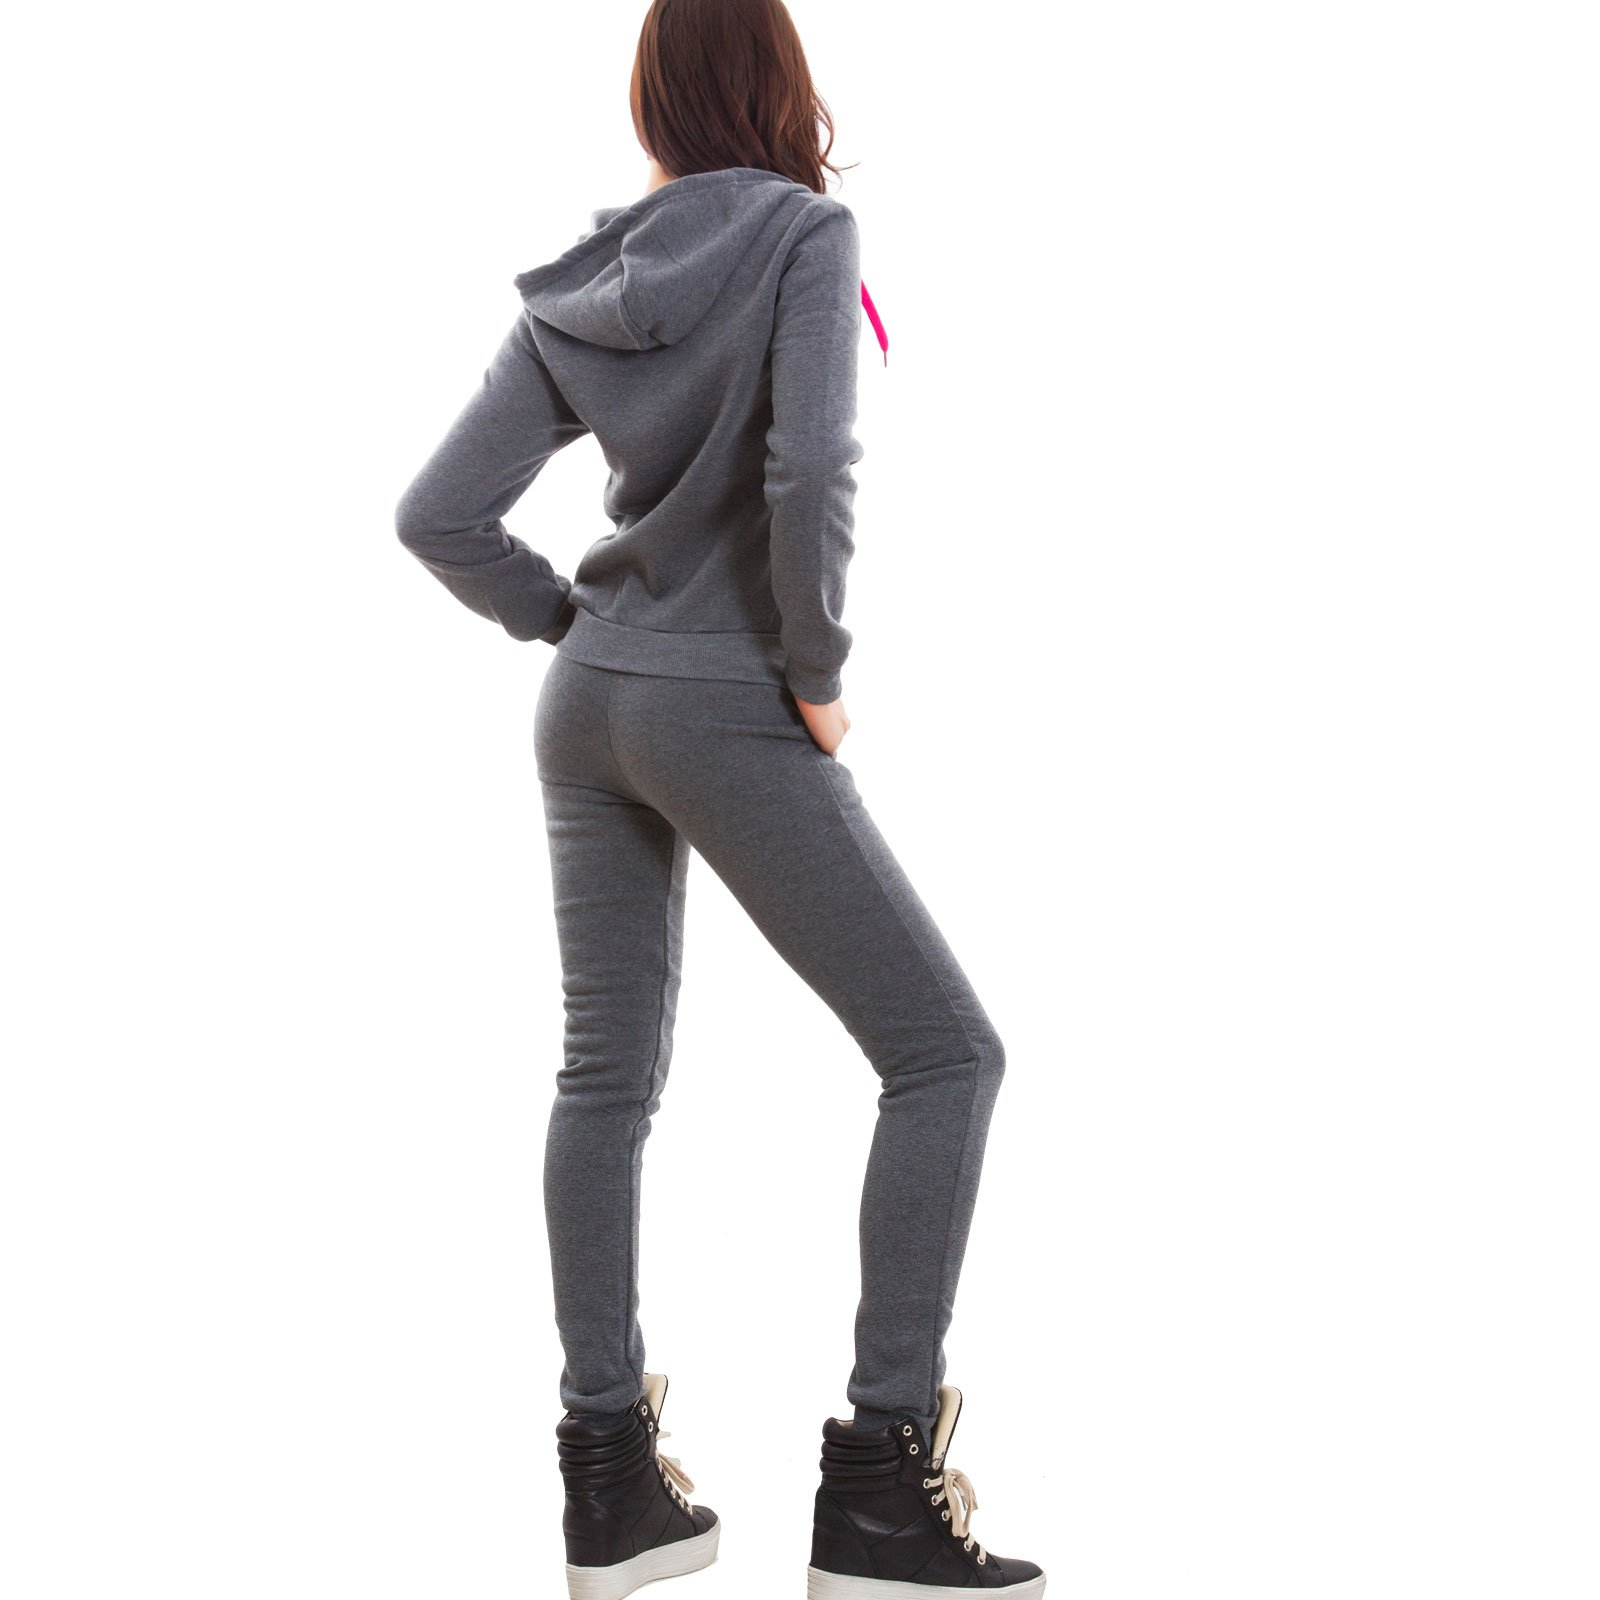 scarpe sportive ottimi prezzi migliore a buon mercato Toocool - Tuta Donna Completo Pantaloni Fitness Cappuccio Scritte Sport Zip  Nuova J906